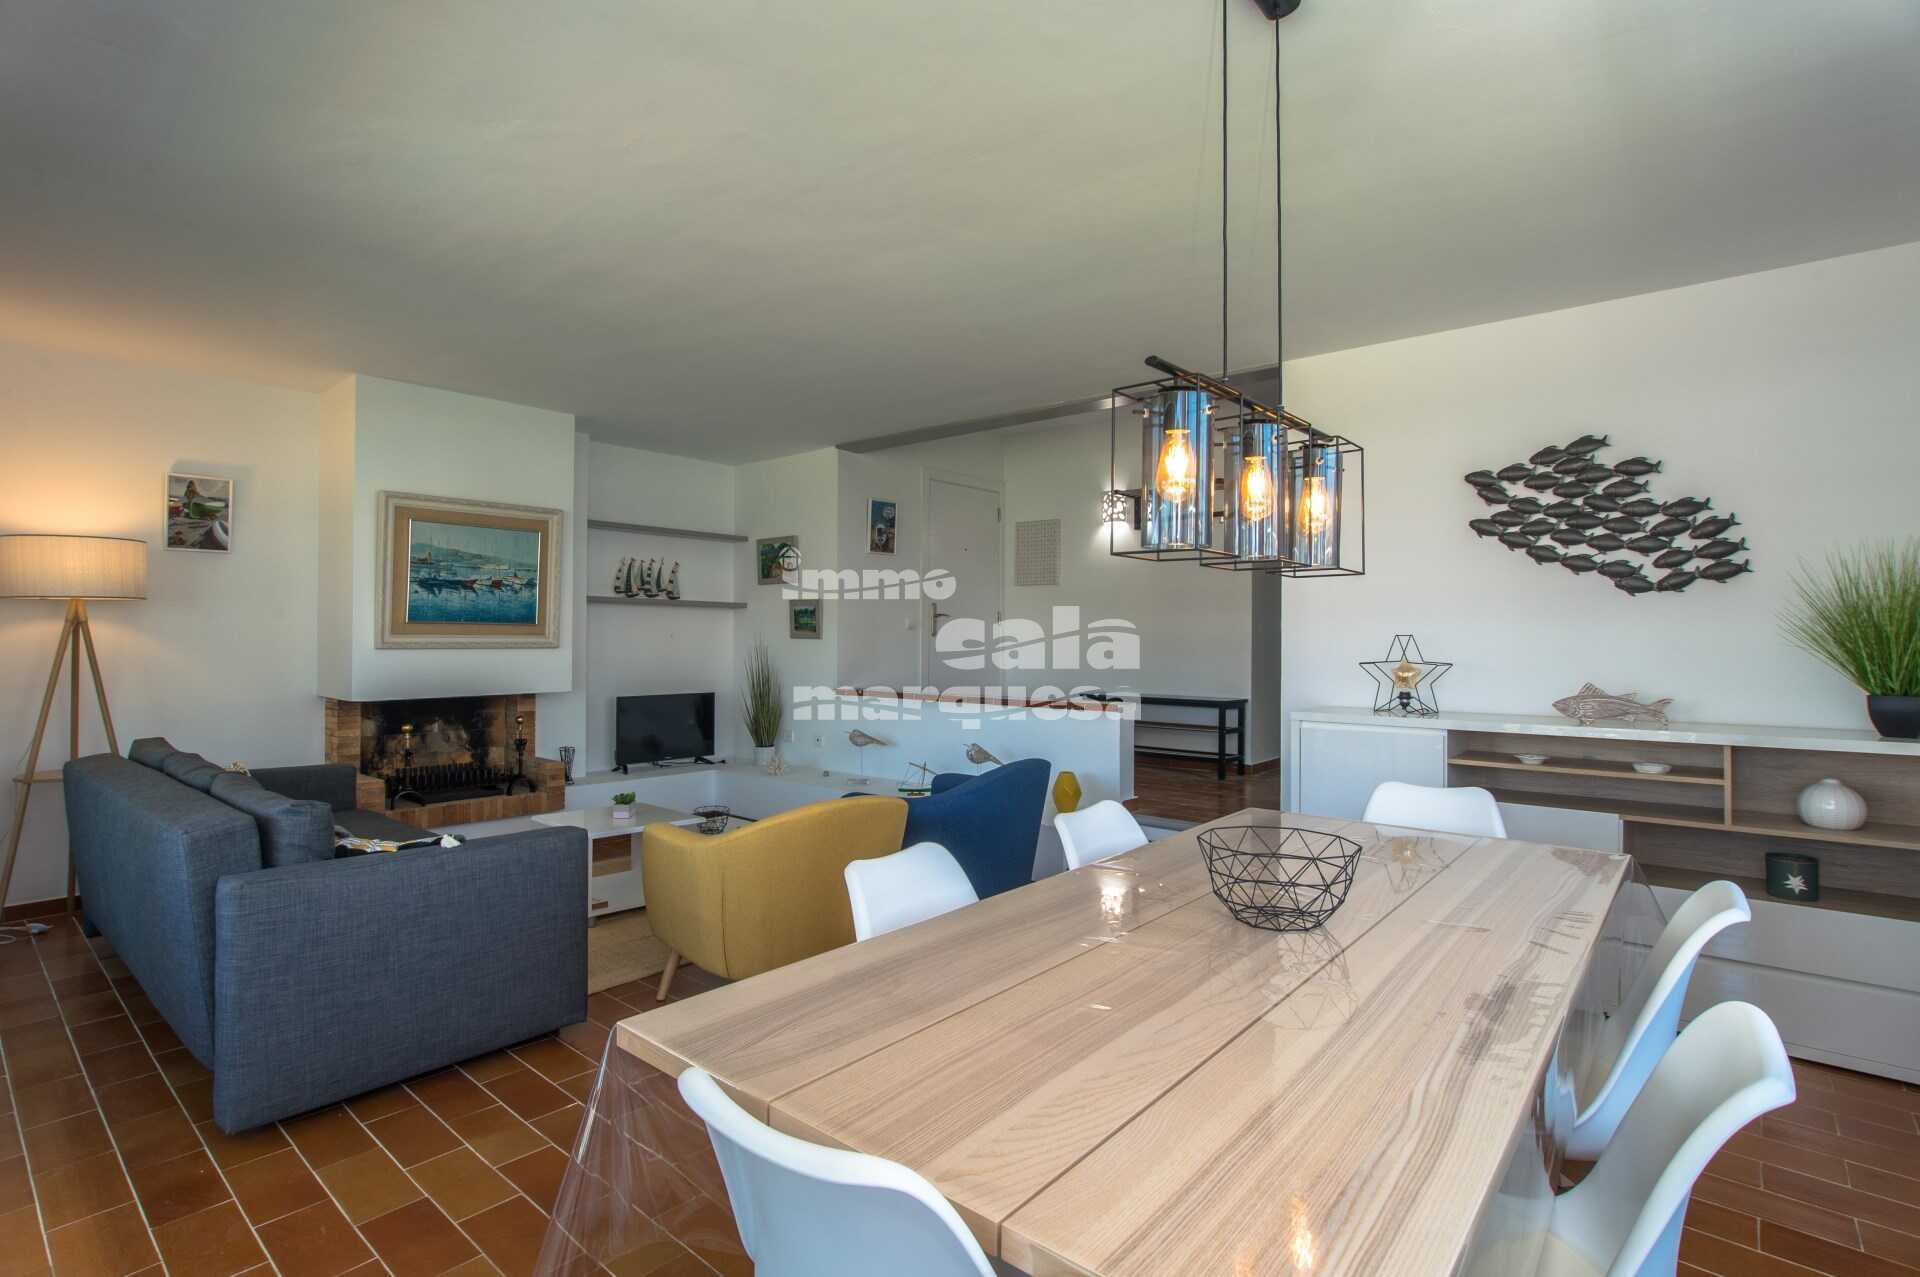 26 apartamentos en venta en calella de particulares, agencias inmobiliarias y bancos. APARTAMENTO CERCA DEL CENTRO EN CALELLA DE PALAFRUGELL